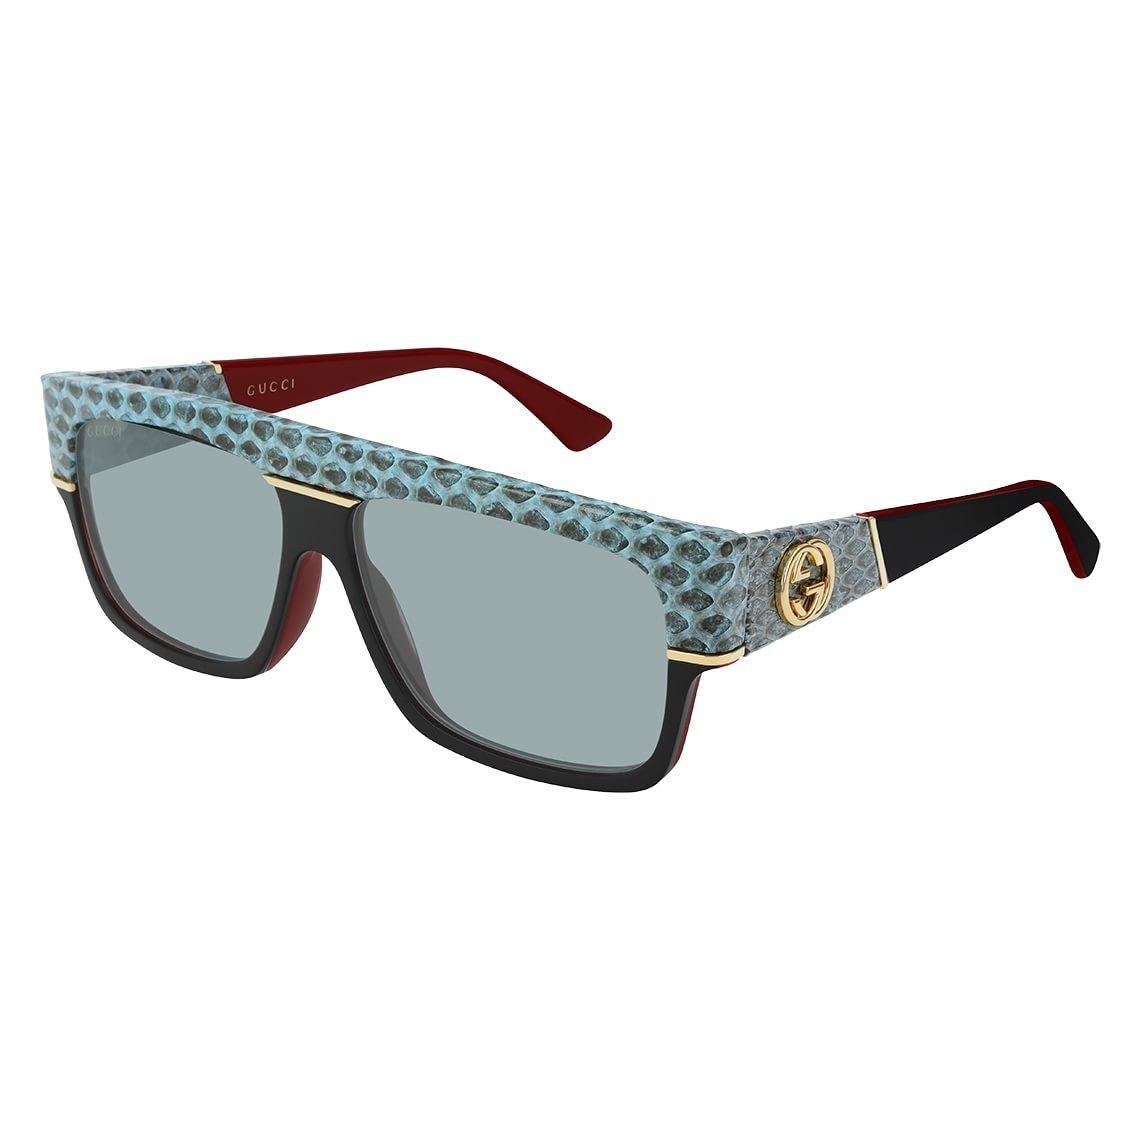 Gucci GG0483S-005 54